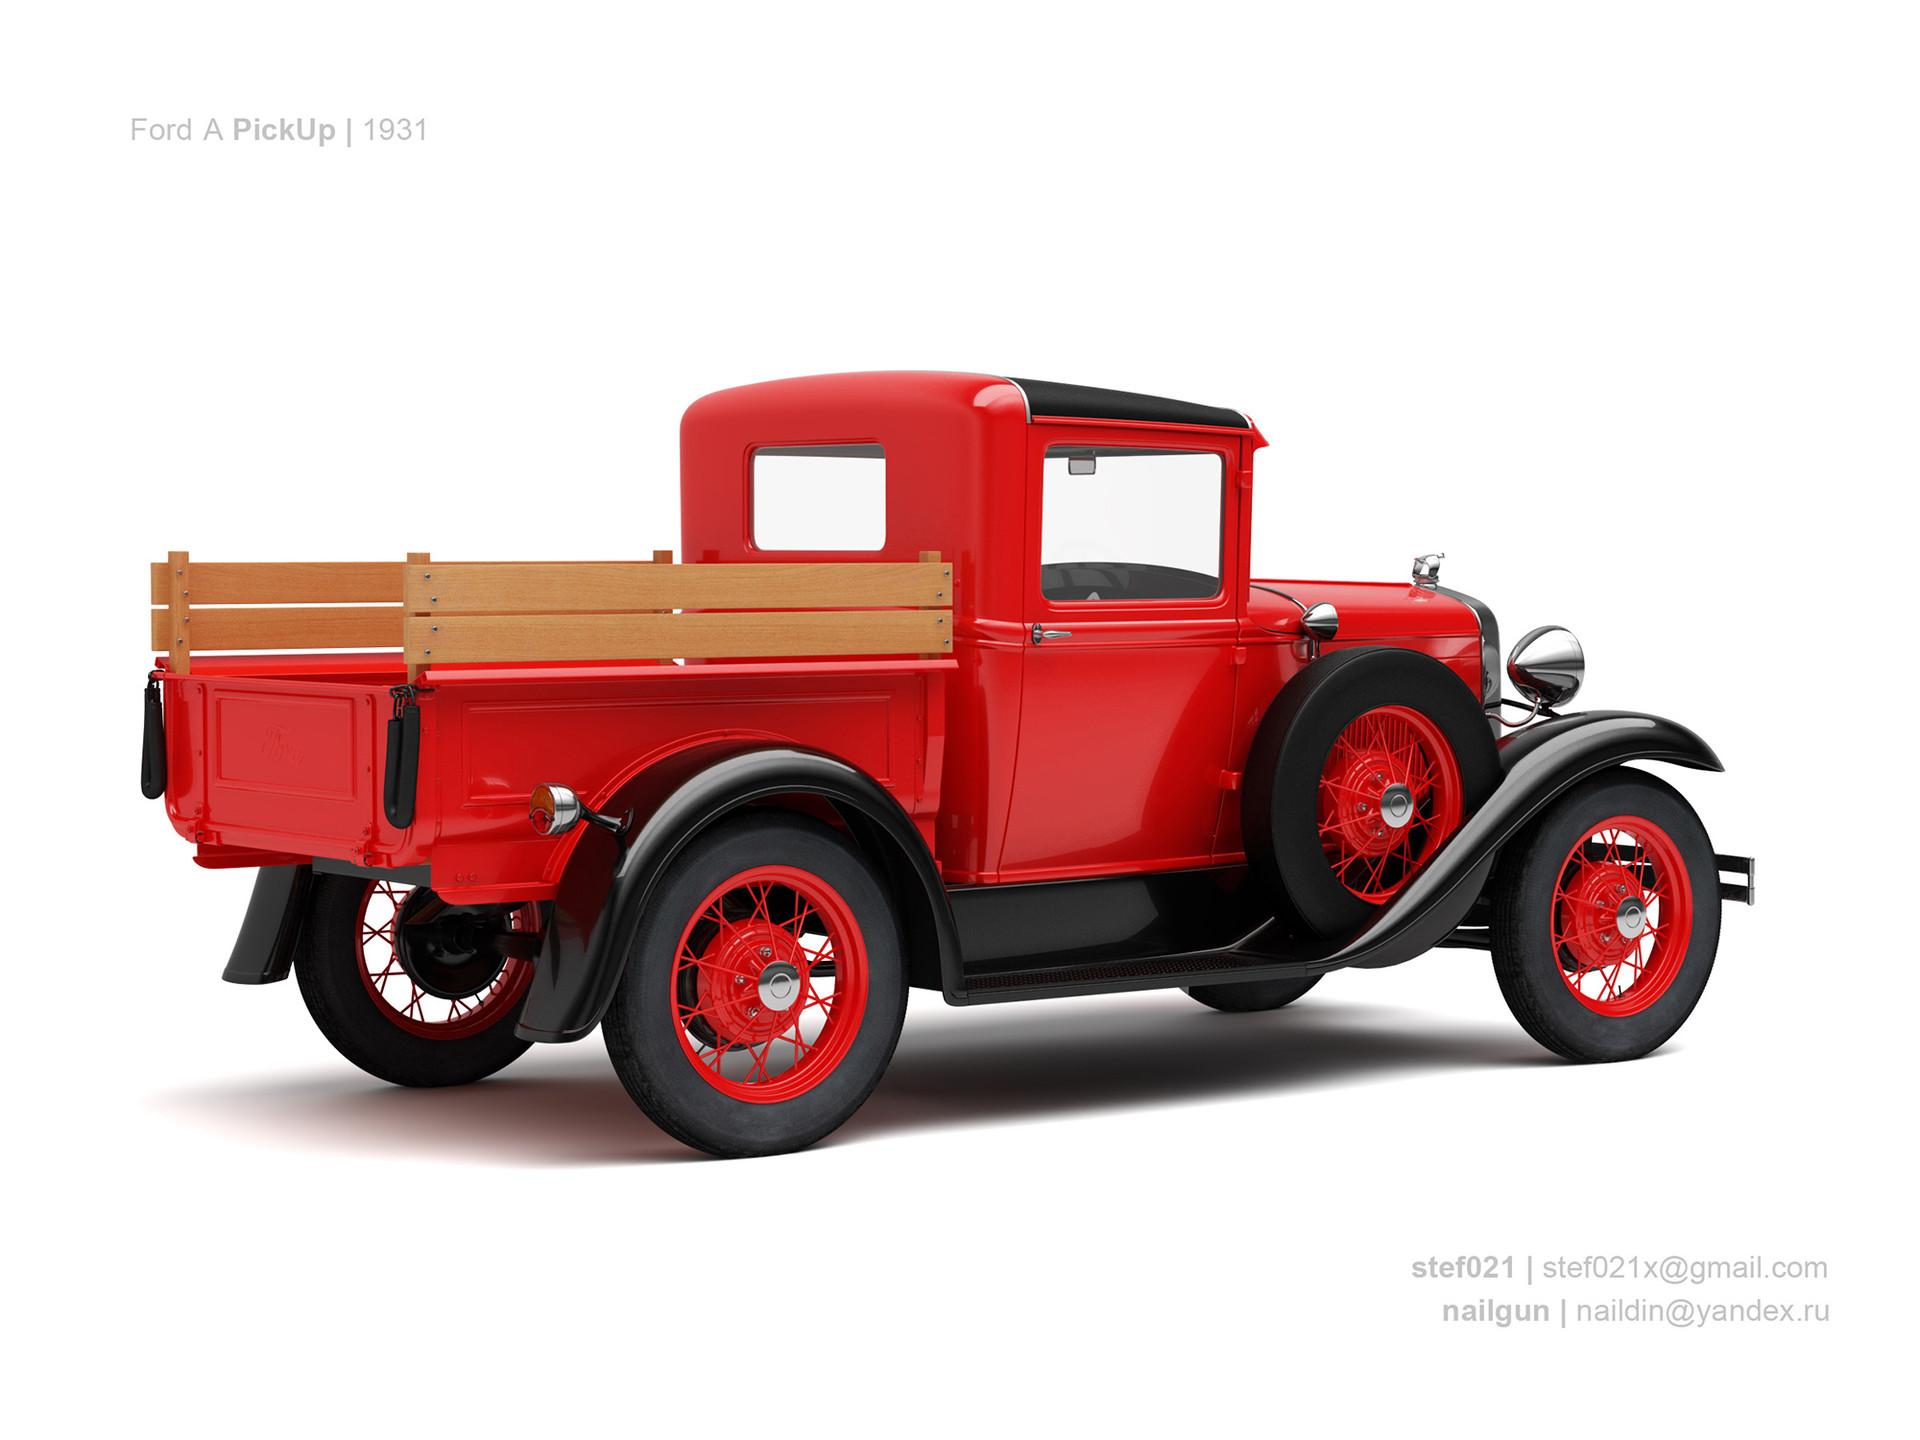 Nail khusnutdinov usa ford a pickup 1931 1